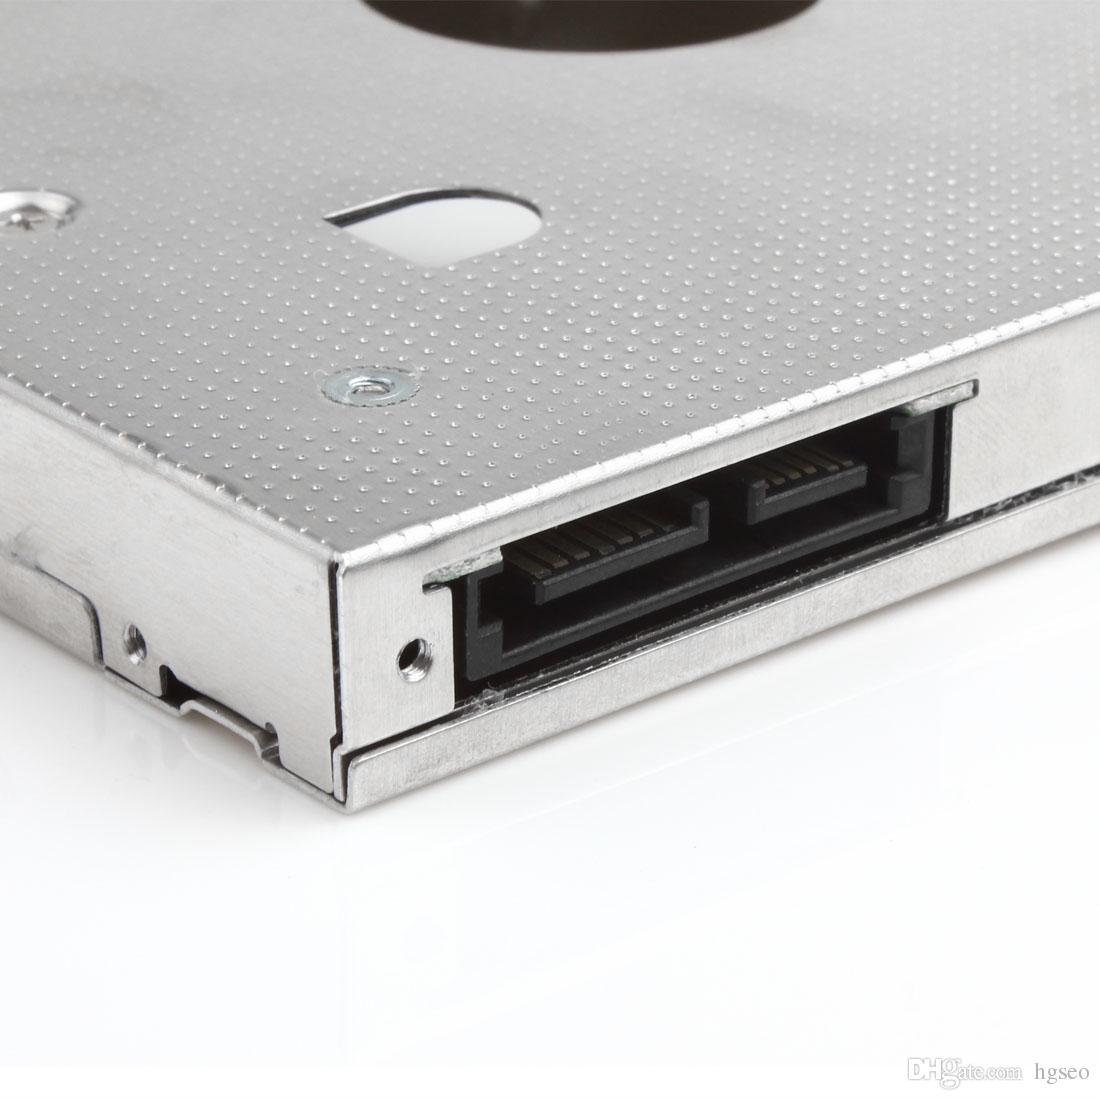 Adattatore caddy disco rigido hard disk SATA HDD universale da 12,7 mm / 0,5 pollici Lenovo Thinkpad T520 W520 CAS_900